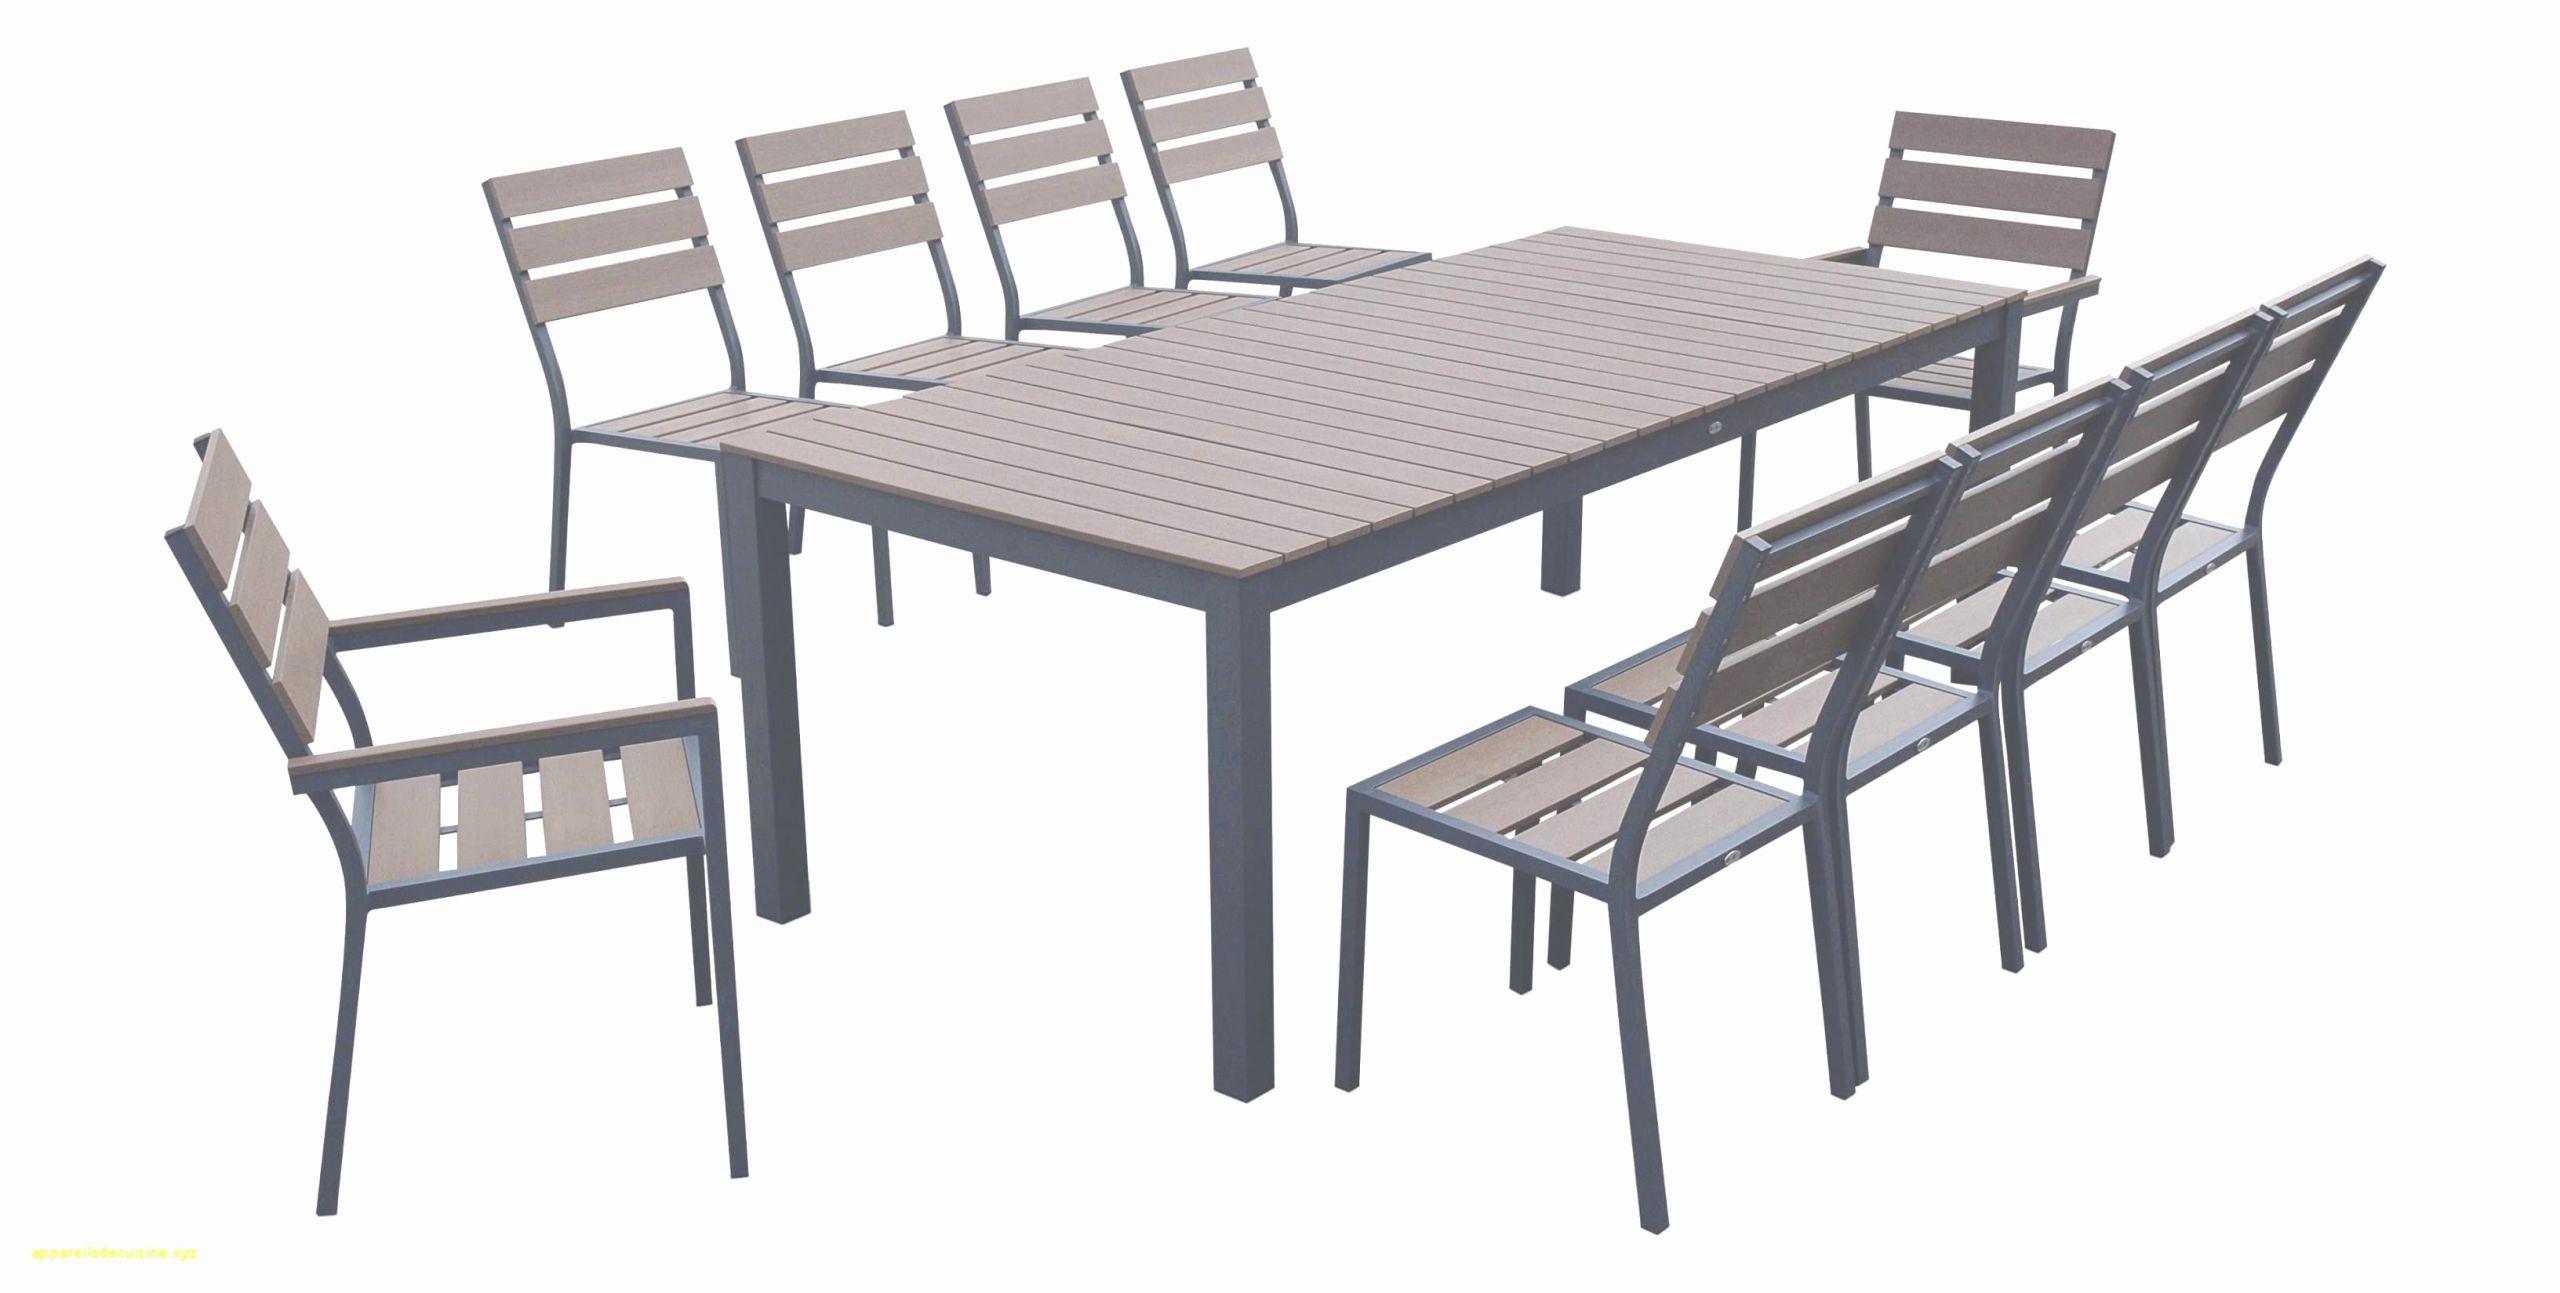 artistique collection de housse de chaise i le meilleur de i table jardin frais table jardin resine inspirant i salon de of artistique collection de housse de chaise i